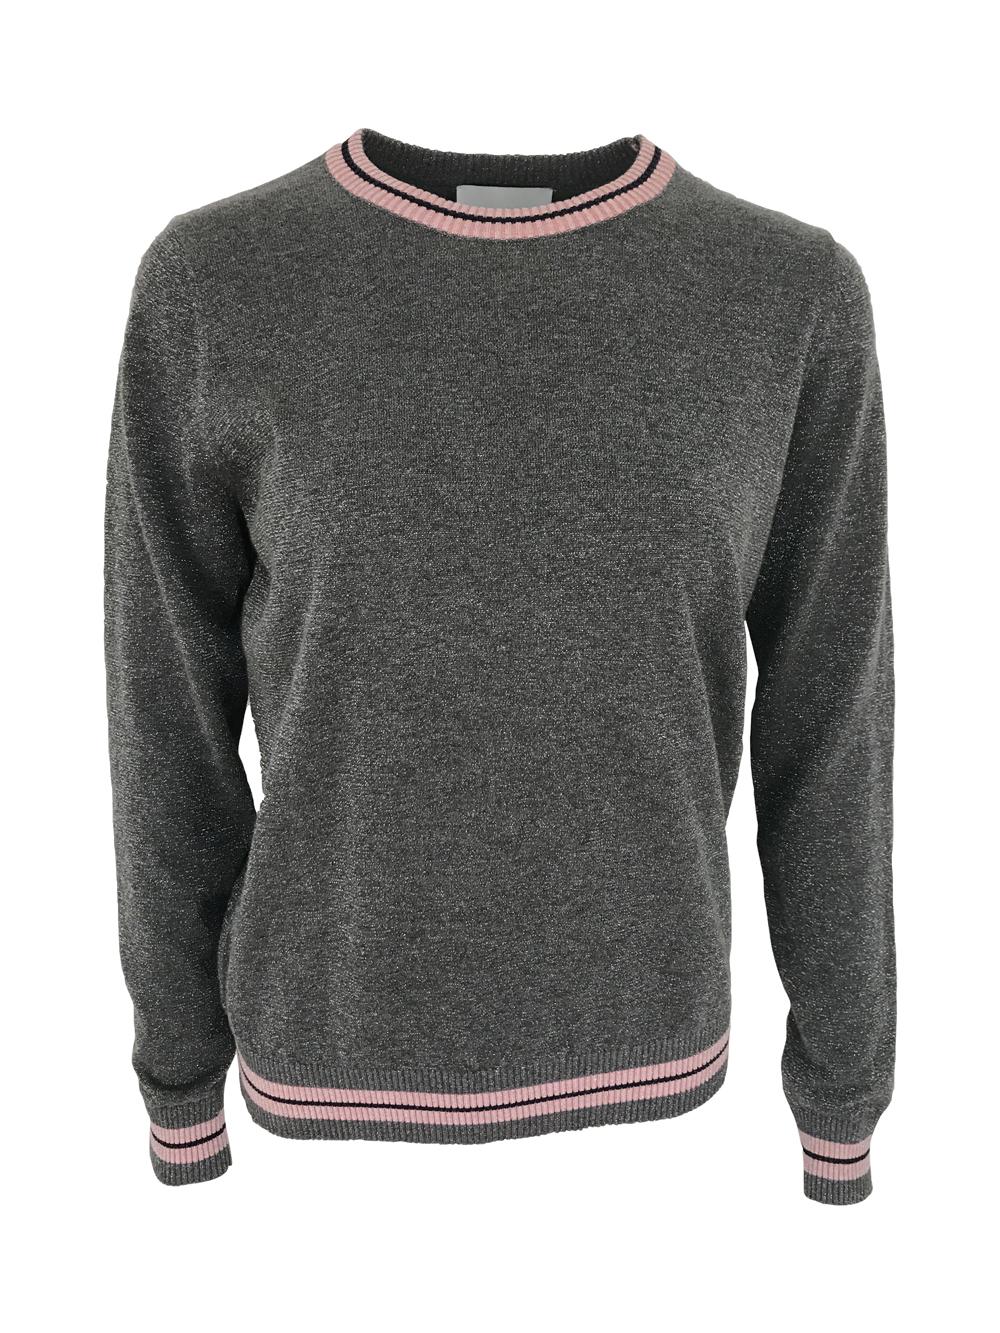 neo-noir-raven-knit-blouse-gunmeta-1